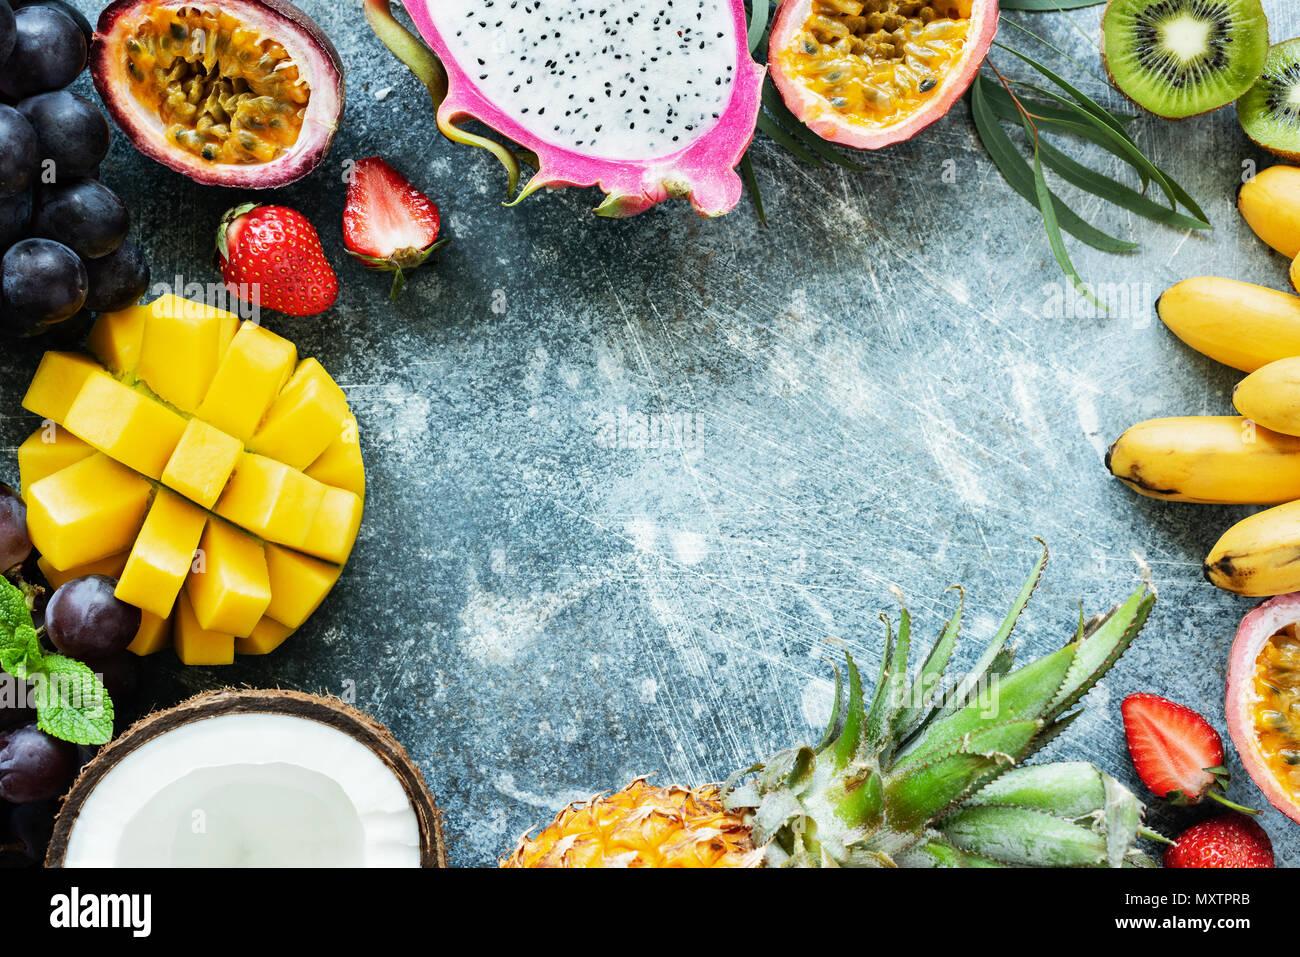 Rahmen aus frischen tropischen Früchten auf konkreten Hintergrund mit Kopie Platz für Text, Ansicht von oben. Konzept der Sommer, exotische Früchte, vegan und paleo Diät Stockbild